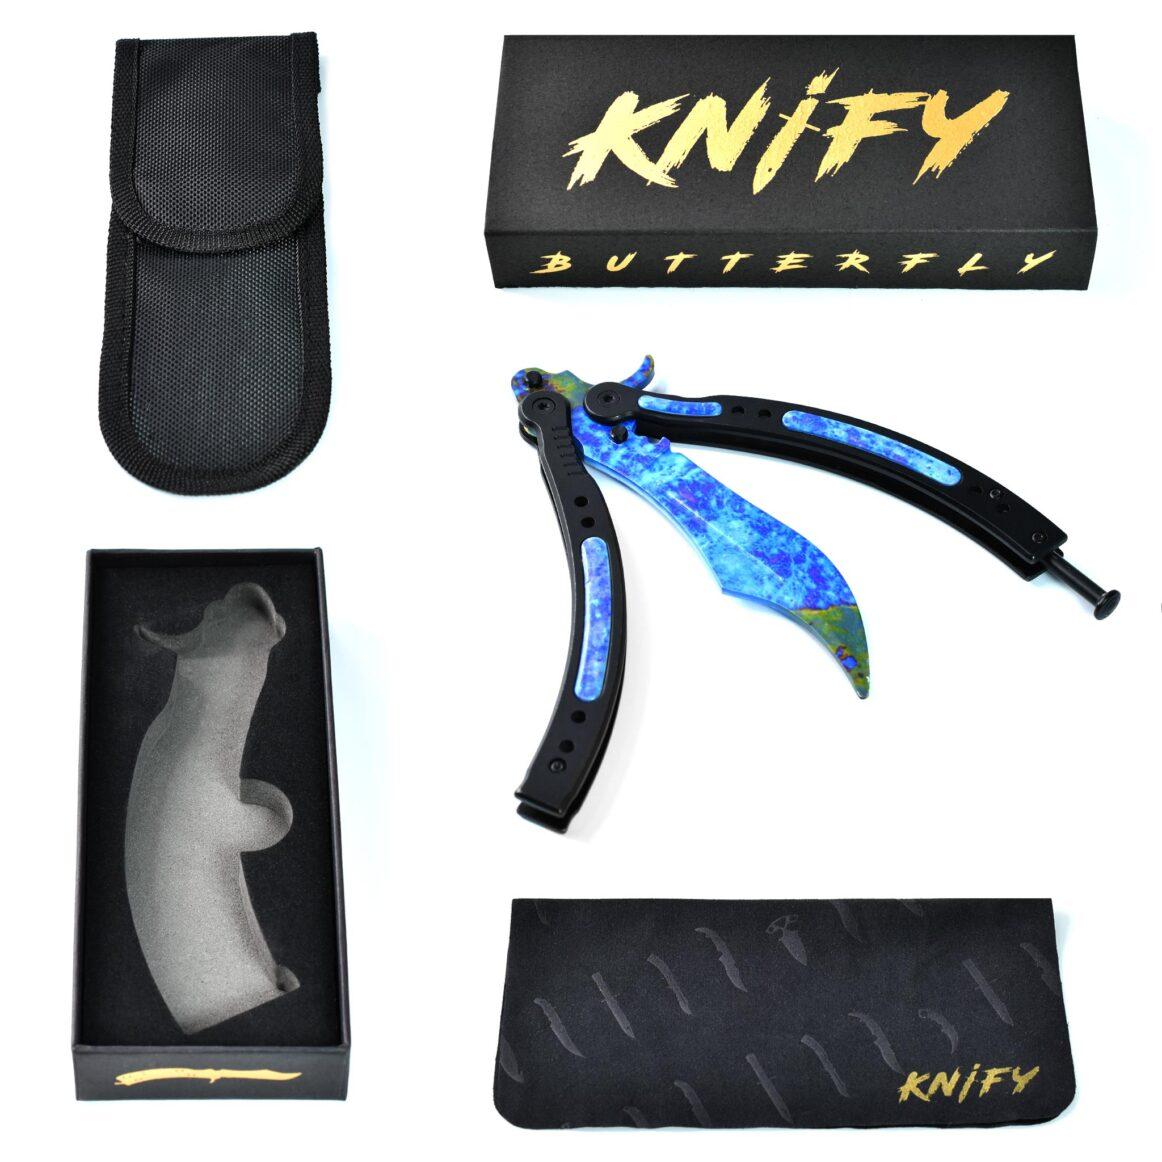 Real CS:GO Butterfly Case Hardened - IRL CS GO Knife